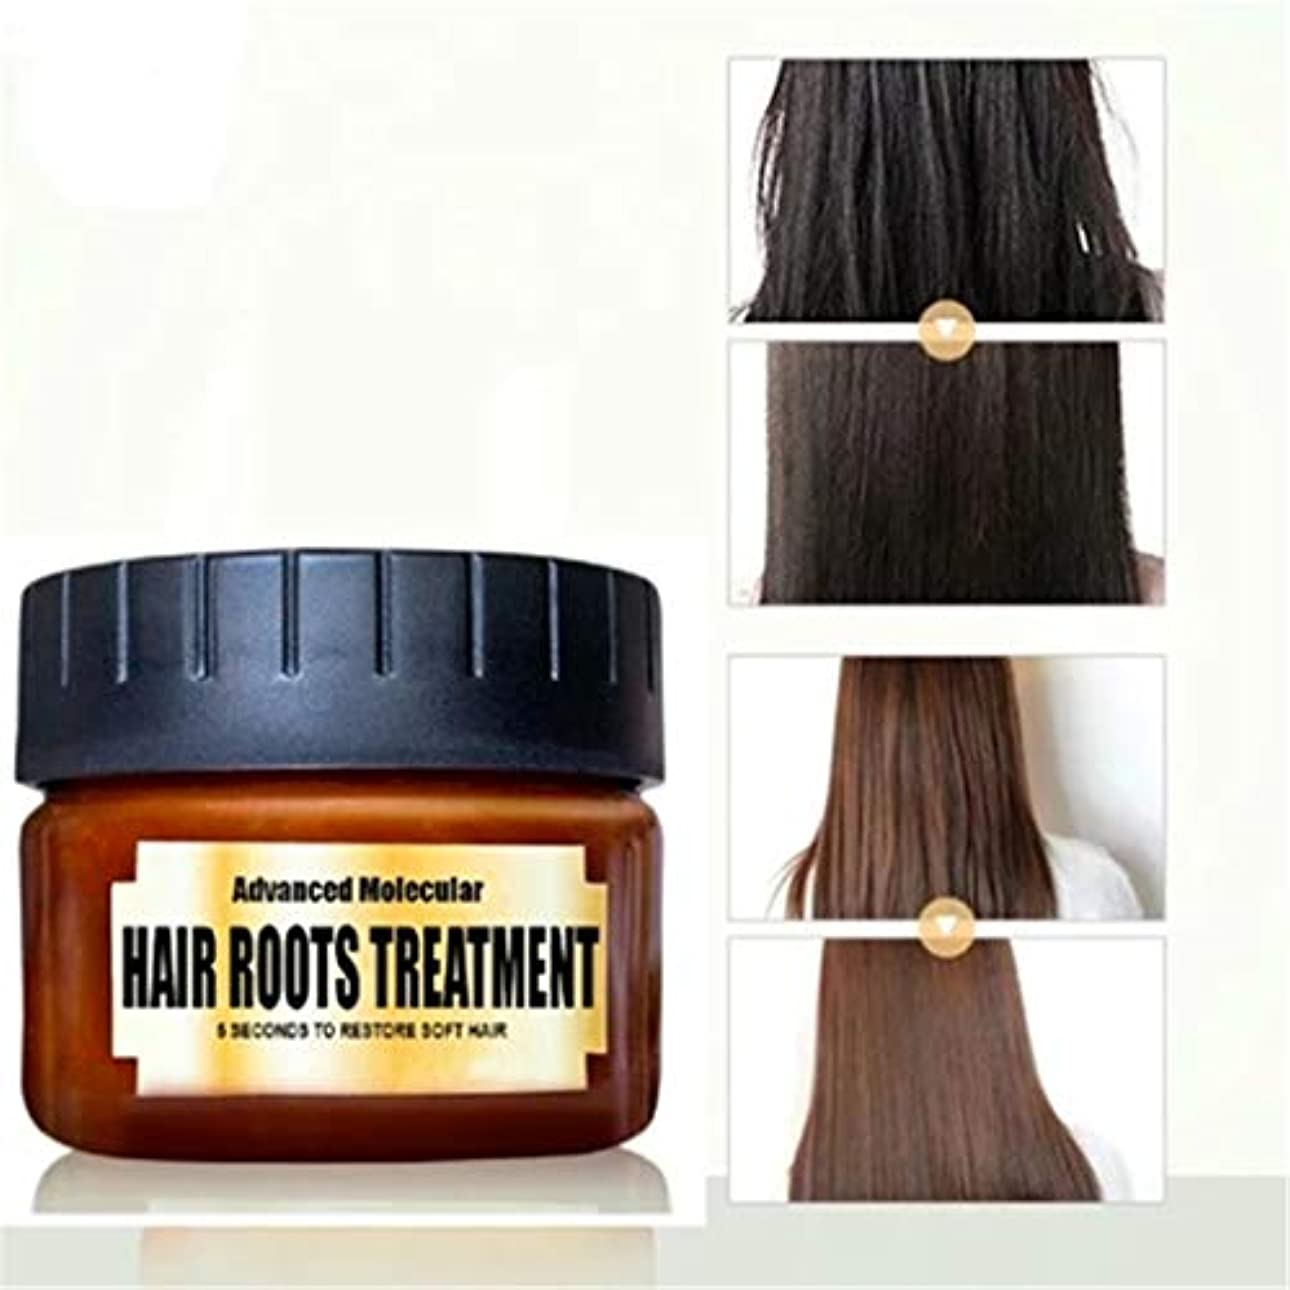 イヤホン顕著また明日ねコンディショナー ヘアケアコンディショナー ヘアデトキシファイングヘアマスク 高度な分子 毛根治療の回復 乾燥または損傷した髪と頭皮の治療のための髪の滑らかなしなやか (B 60 ml)